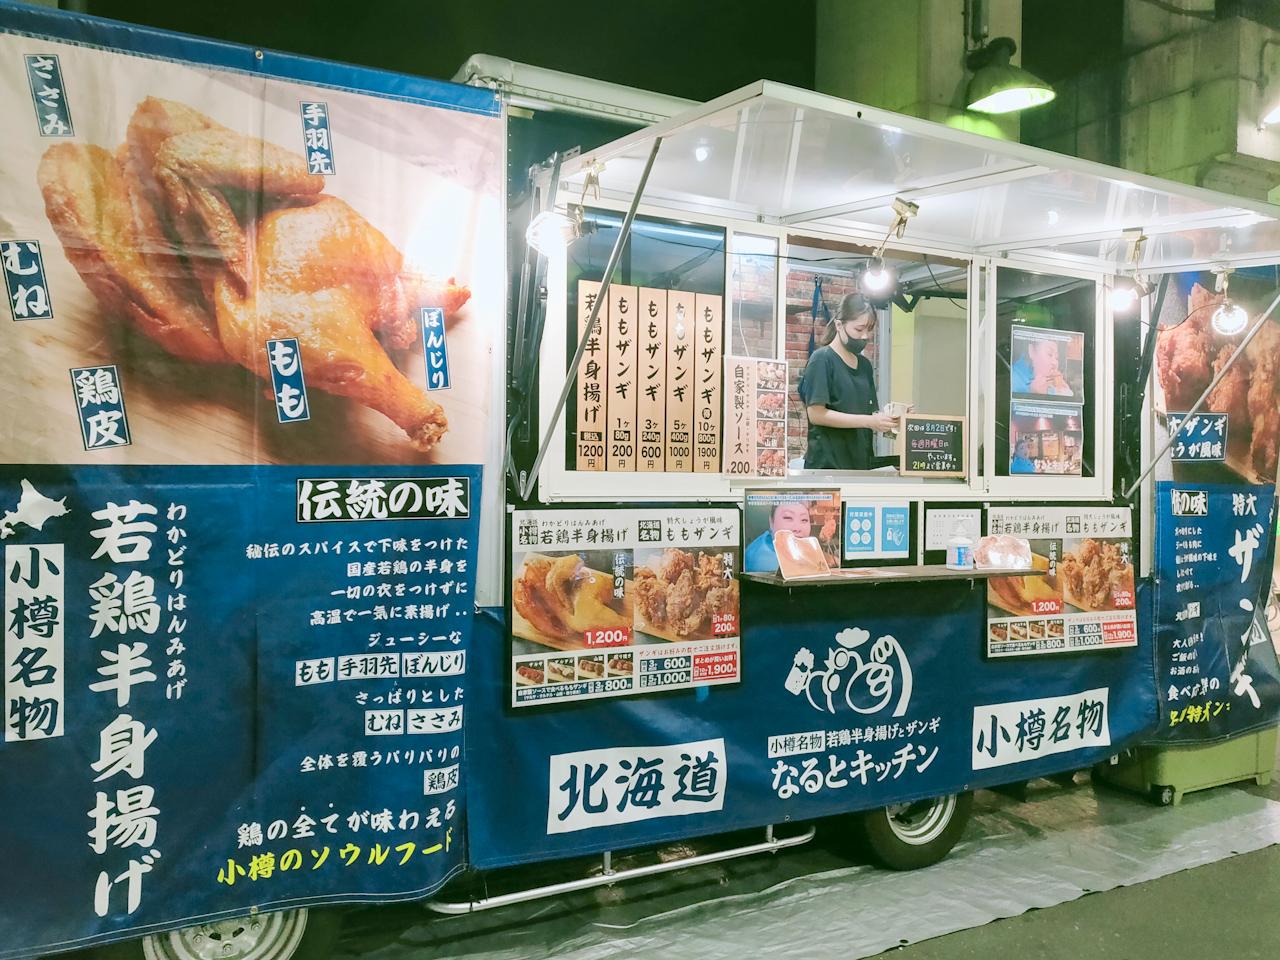 北海道 小樽名物「若鶏半身揚げ」と「ザンギ」のお店『なるとキッチン』